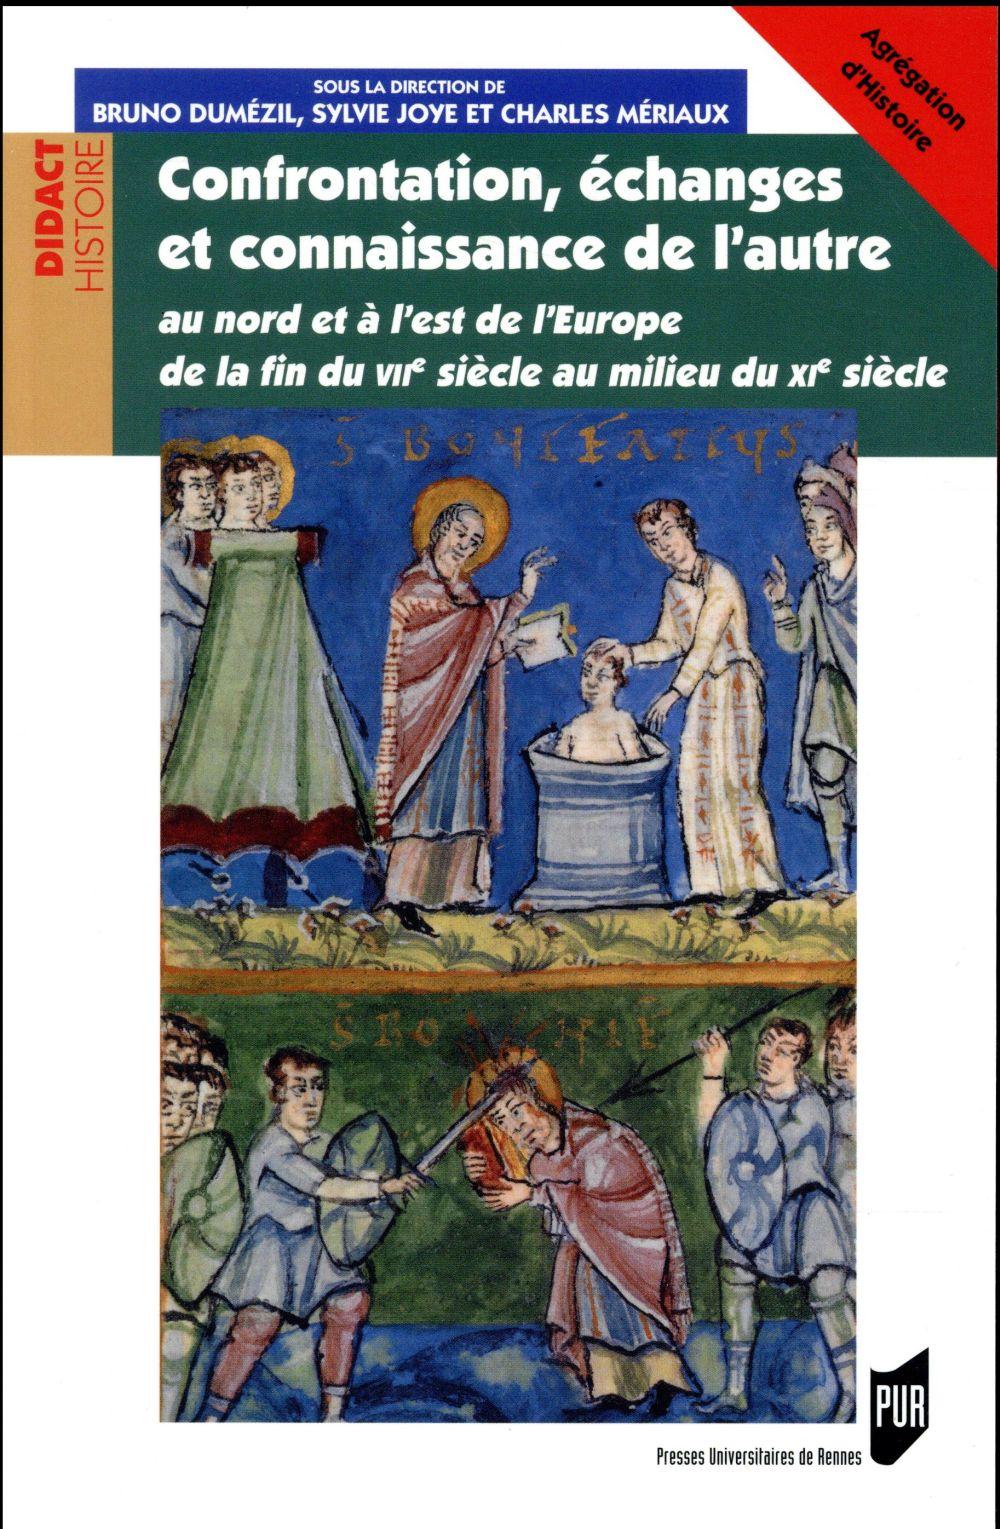 Confrontation, échanges et connaissance de l'Autre ; au nord et à l'Est de l'Europe de la fin du VIIe siècle au milieu du XIe siècle